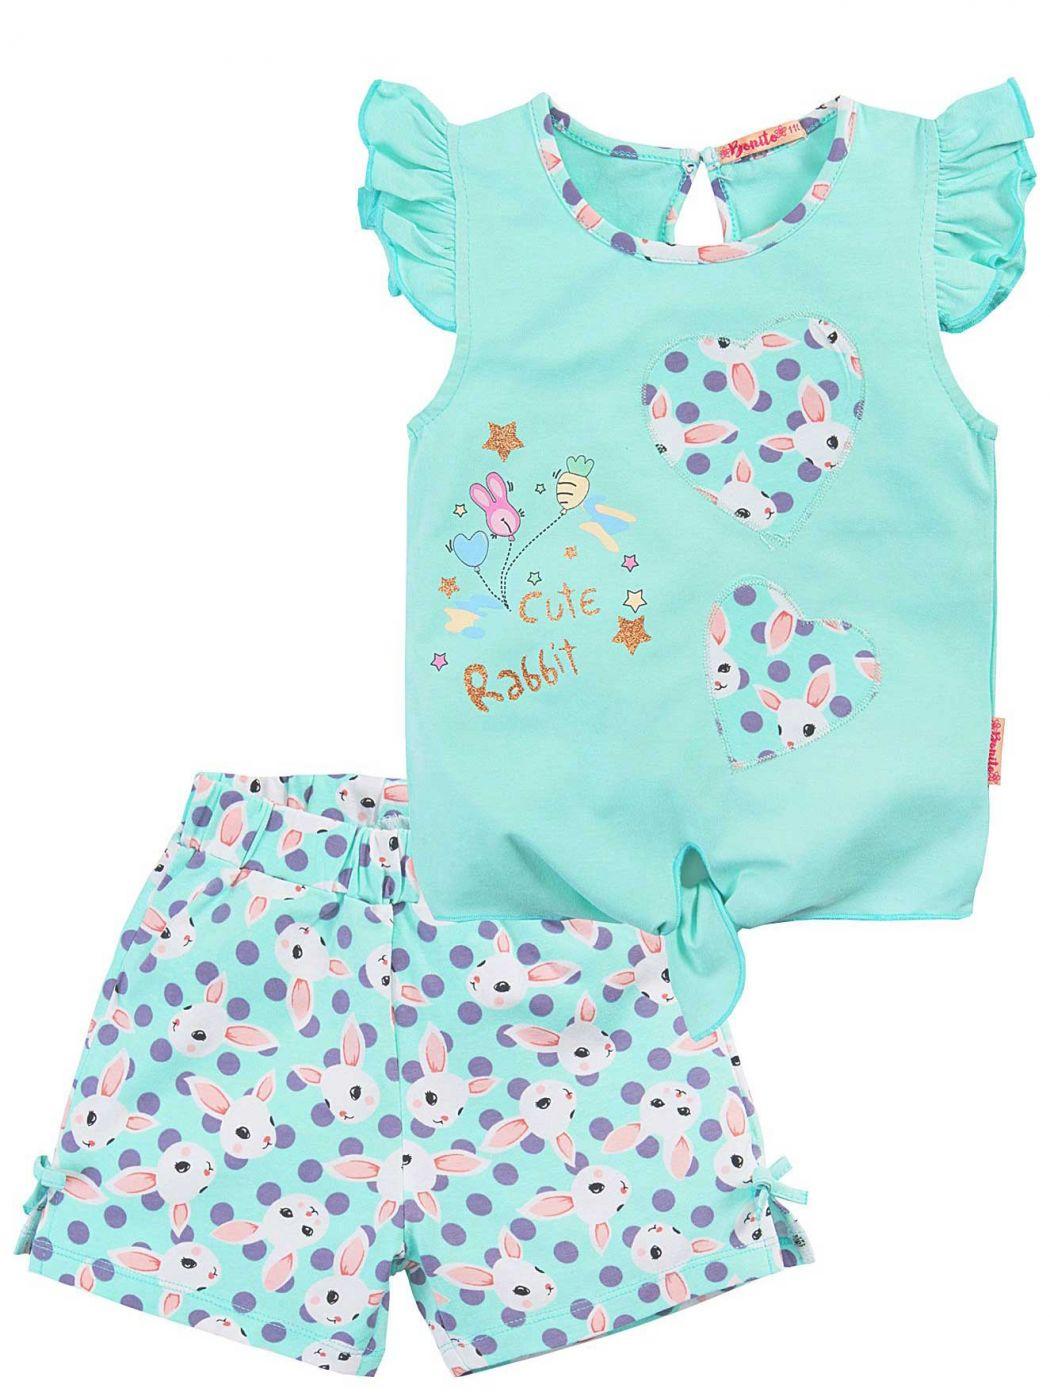 Летний костюм для девочек Bonito бирюзовый зайки